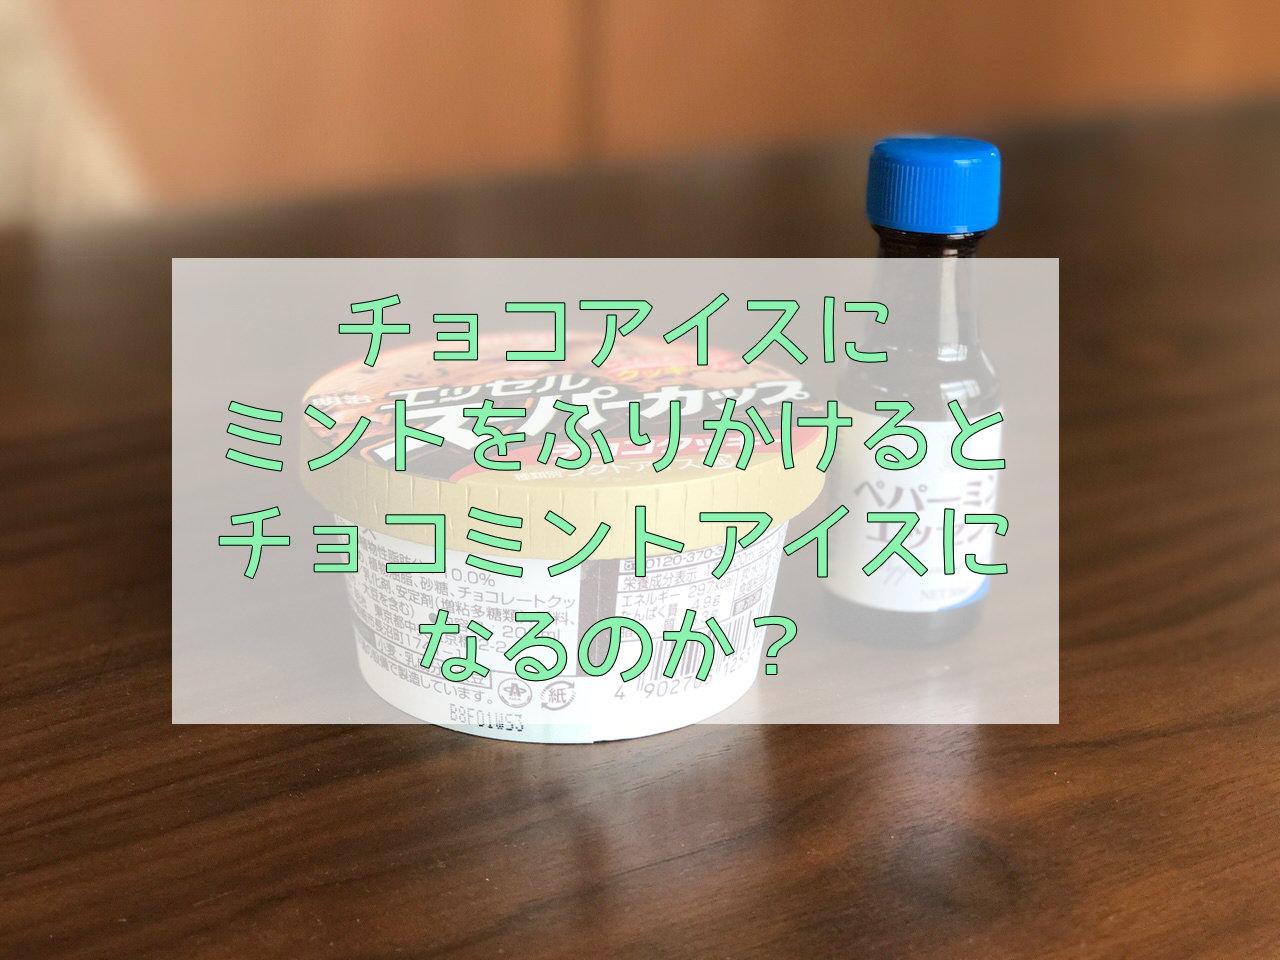 【実験】チョコアイス+ミントエッセンス=チョコミントアイス?